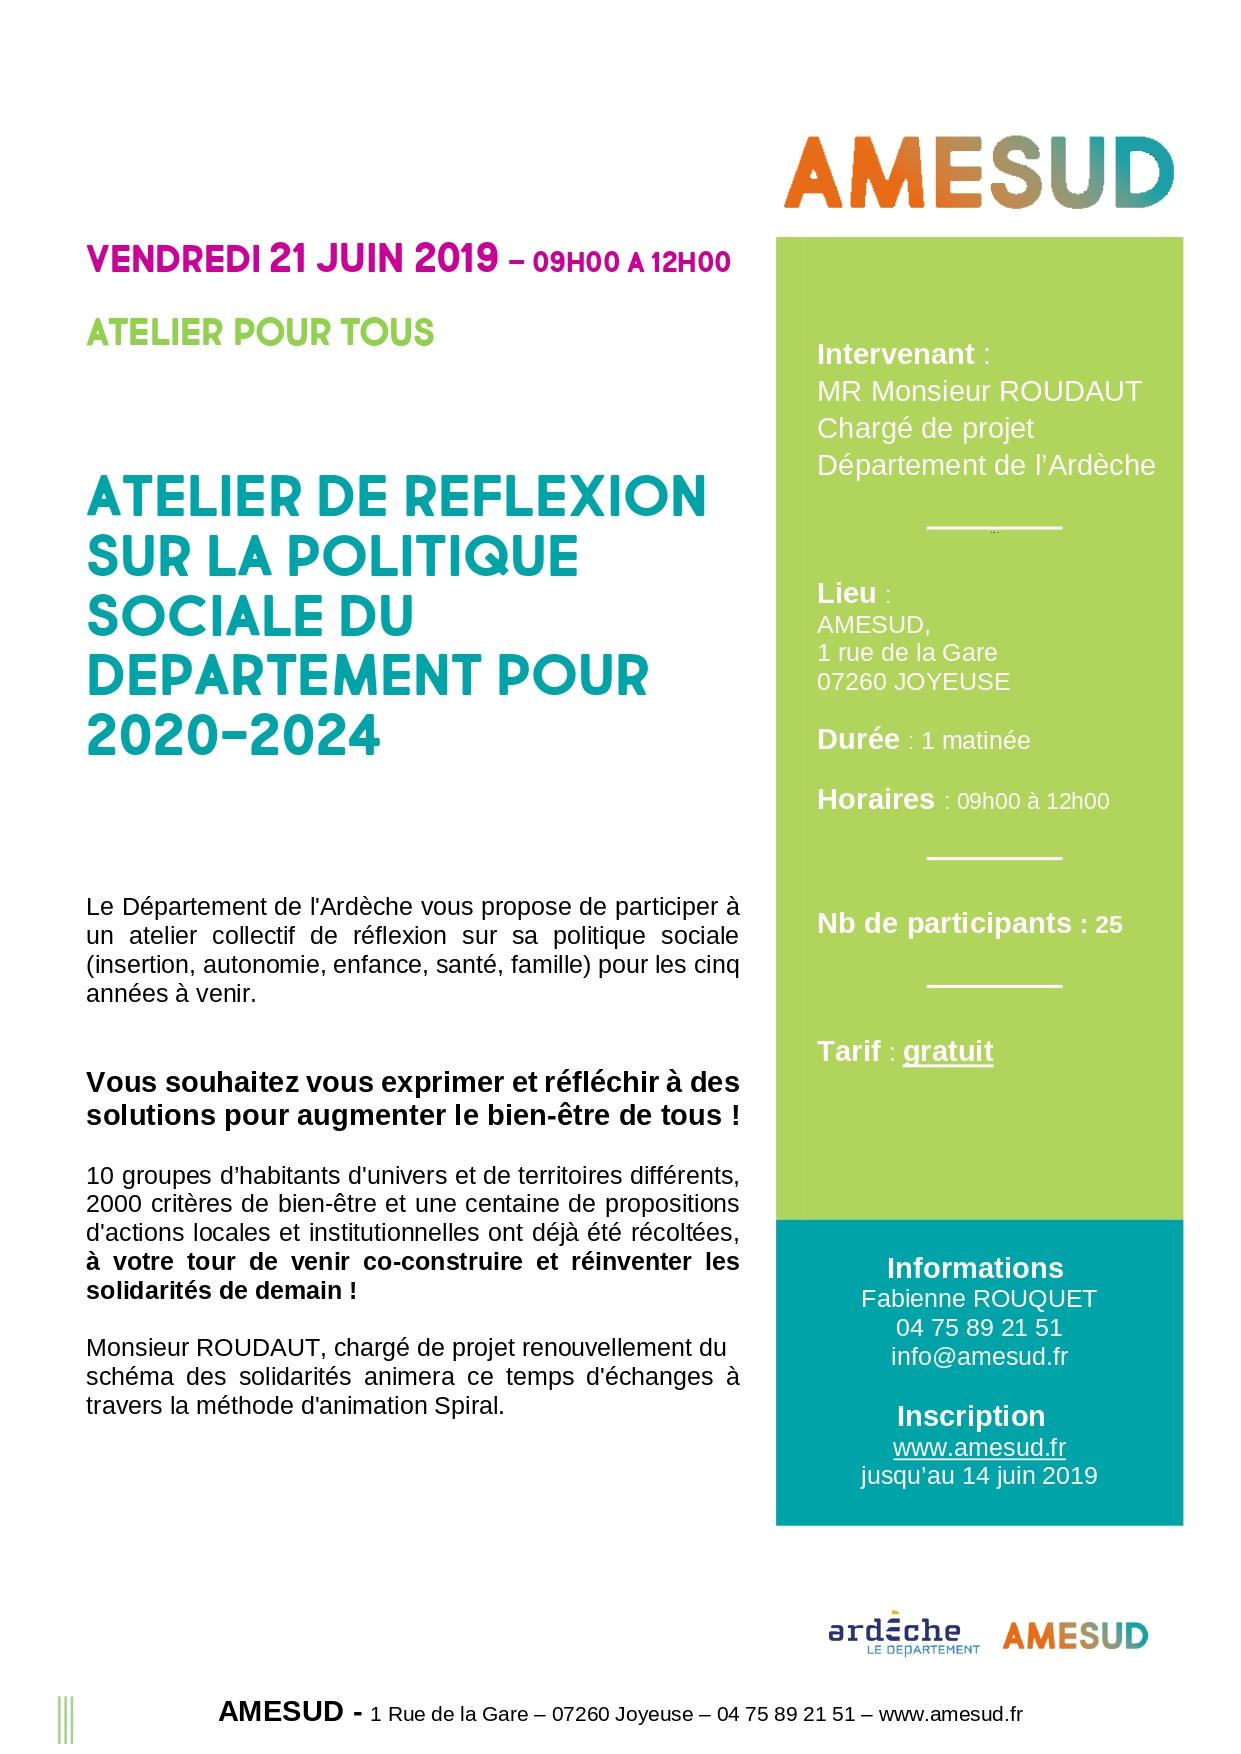 AU - Tout public - ATELIER DE REFLEXION SUR LA POLITIQUE SOCIALE DU DEPARTEMENT - 21 juin - 09h00 à 12h00 - Joyeuse -  Gratuit @ AMESUD | Joyeuse | Auvergne-Rhône-Alpes | France